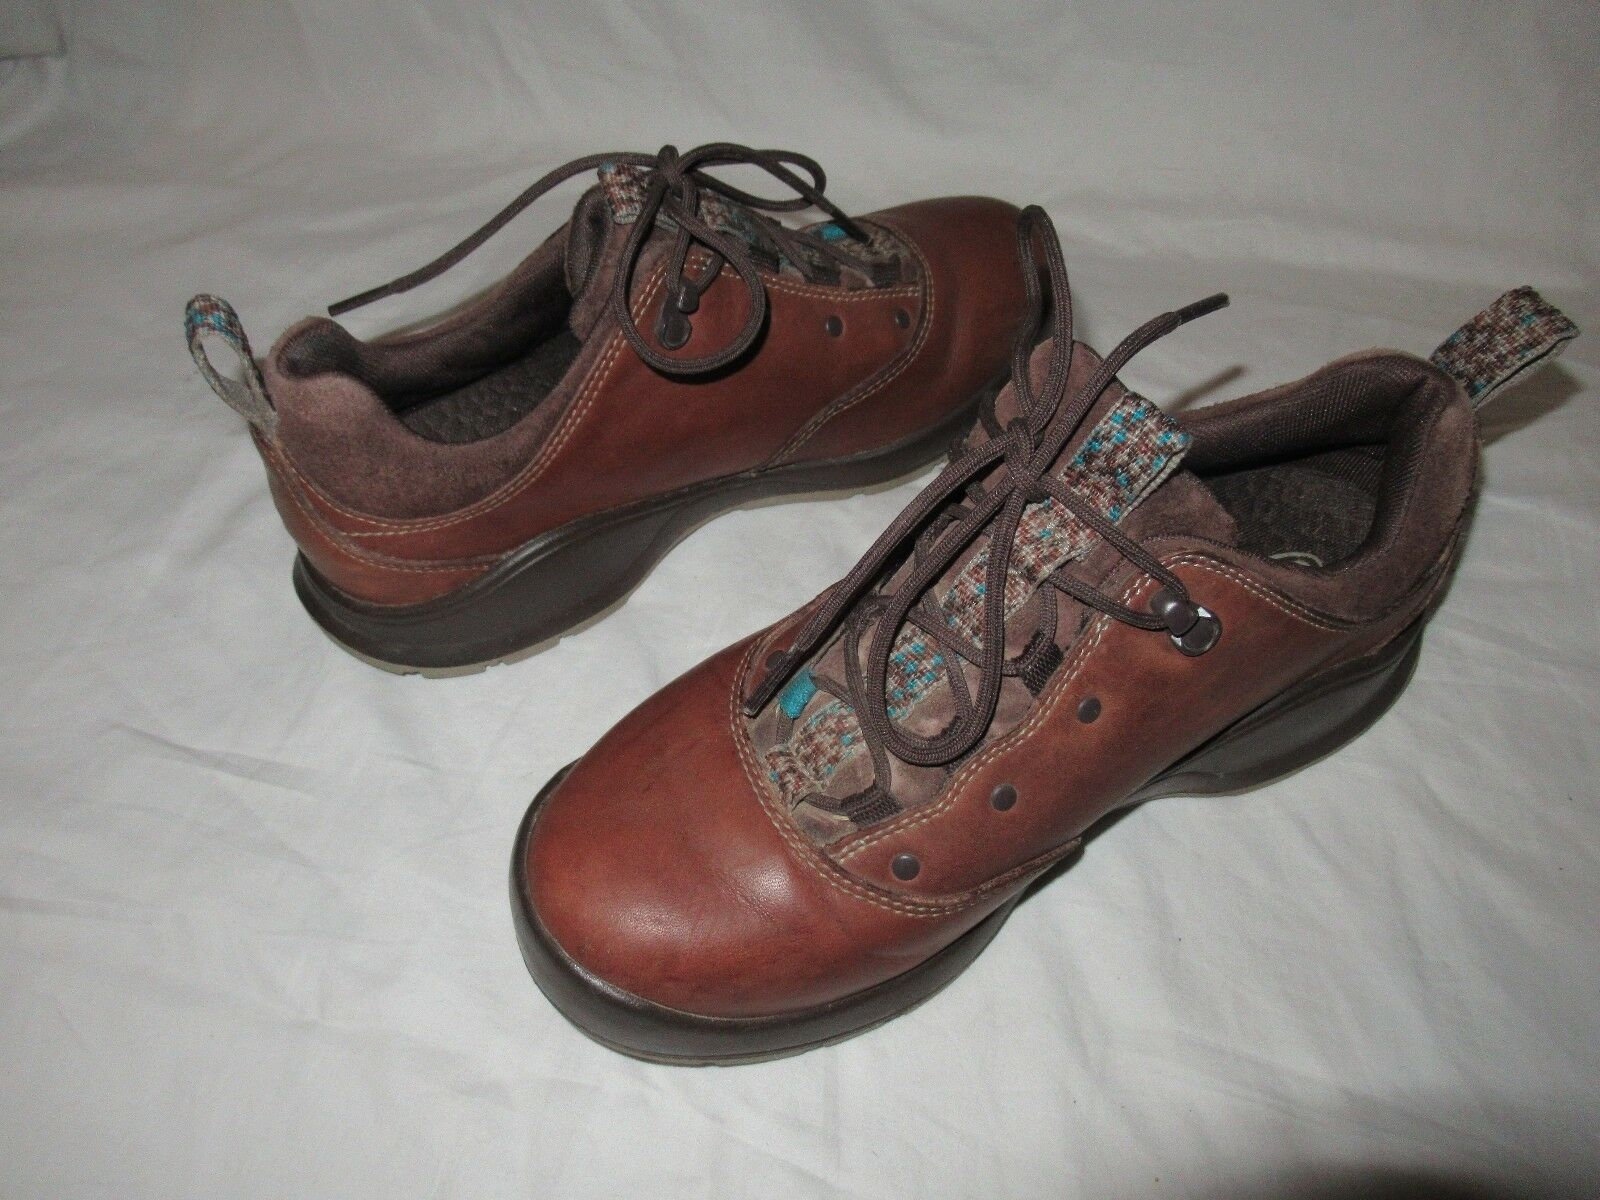 Chaco Tarvia Chaco Niedrig Niedrig Chaco Hiking Schuhes Damens Oxford Braun Leder  Größe 8 GUC c8bb3a